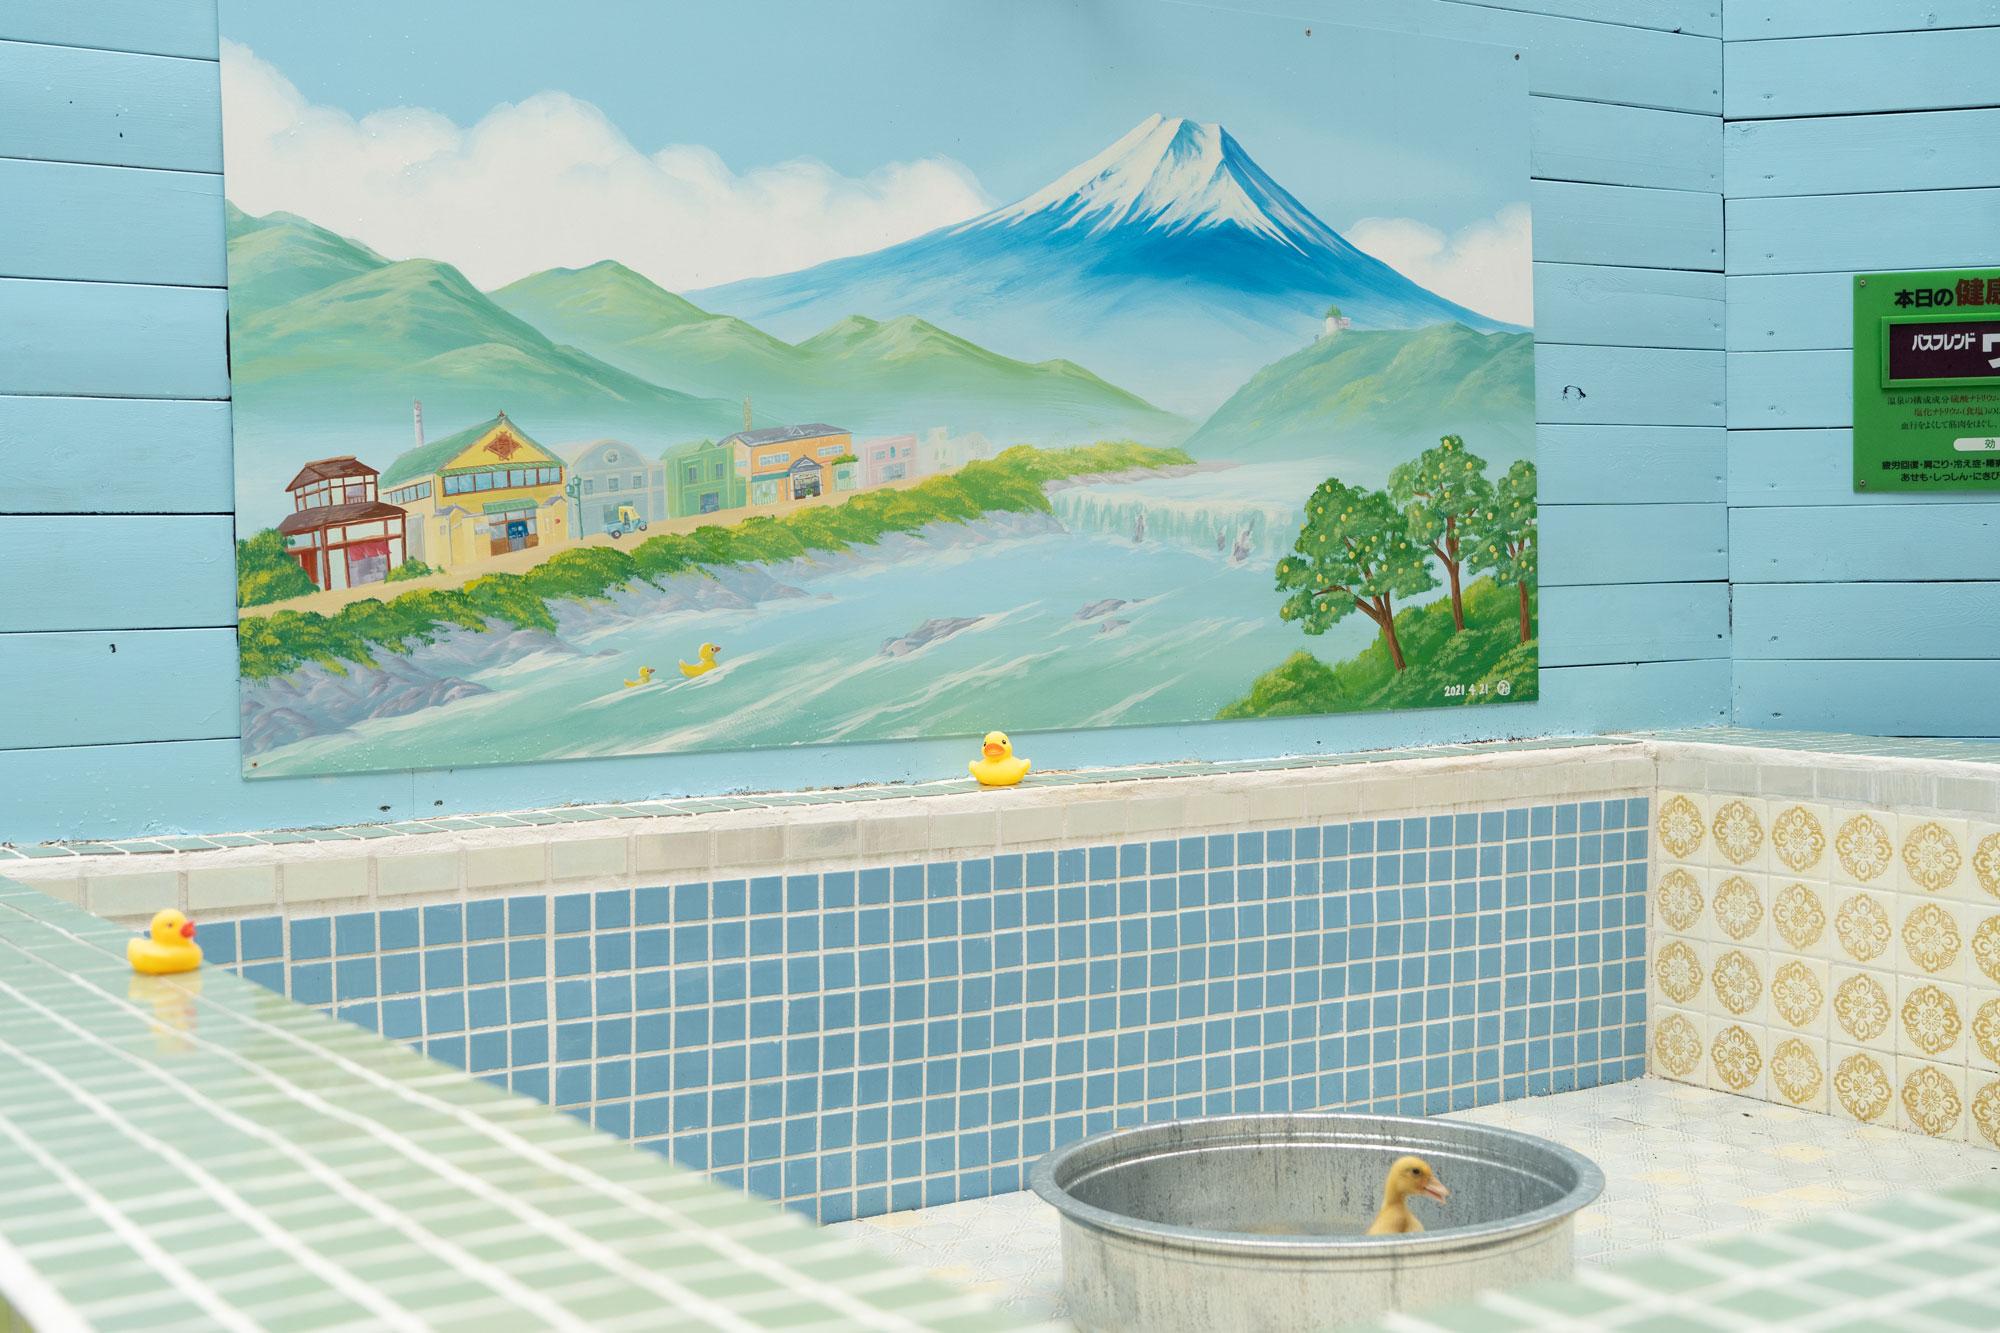 玉川温泉「リアルアヒル風呂」 (2)